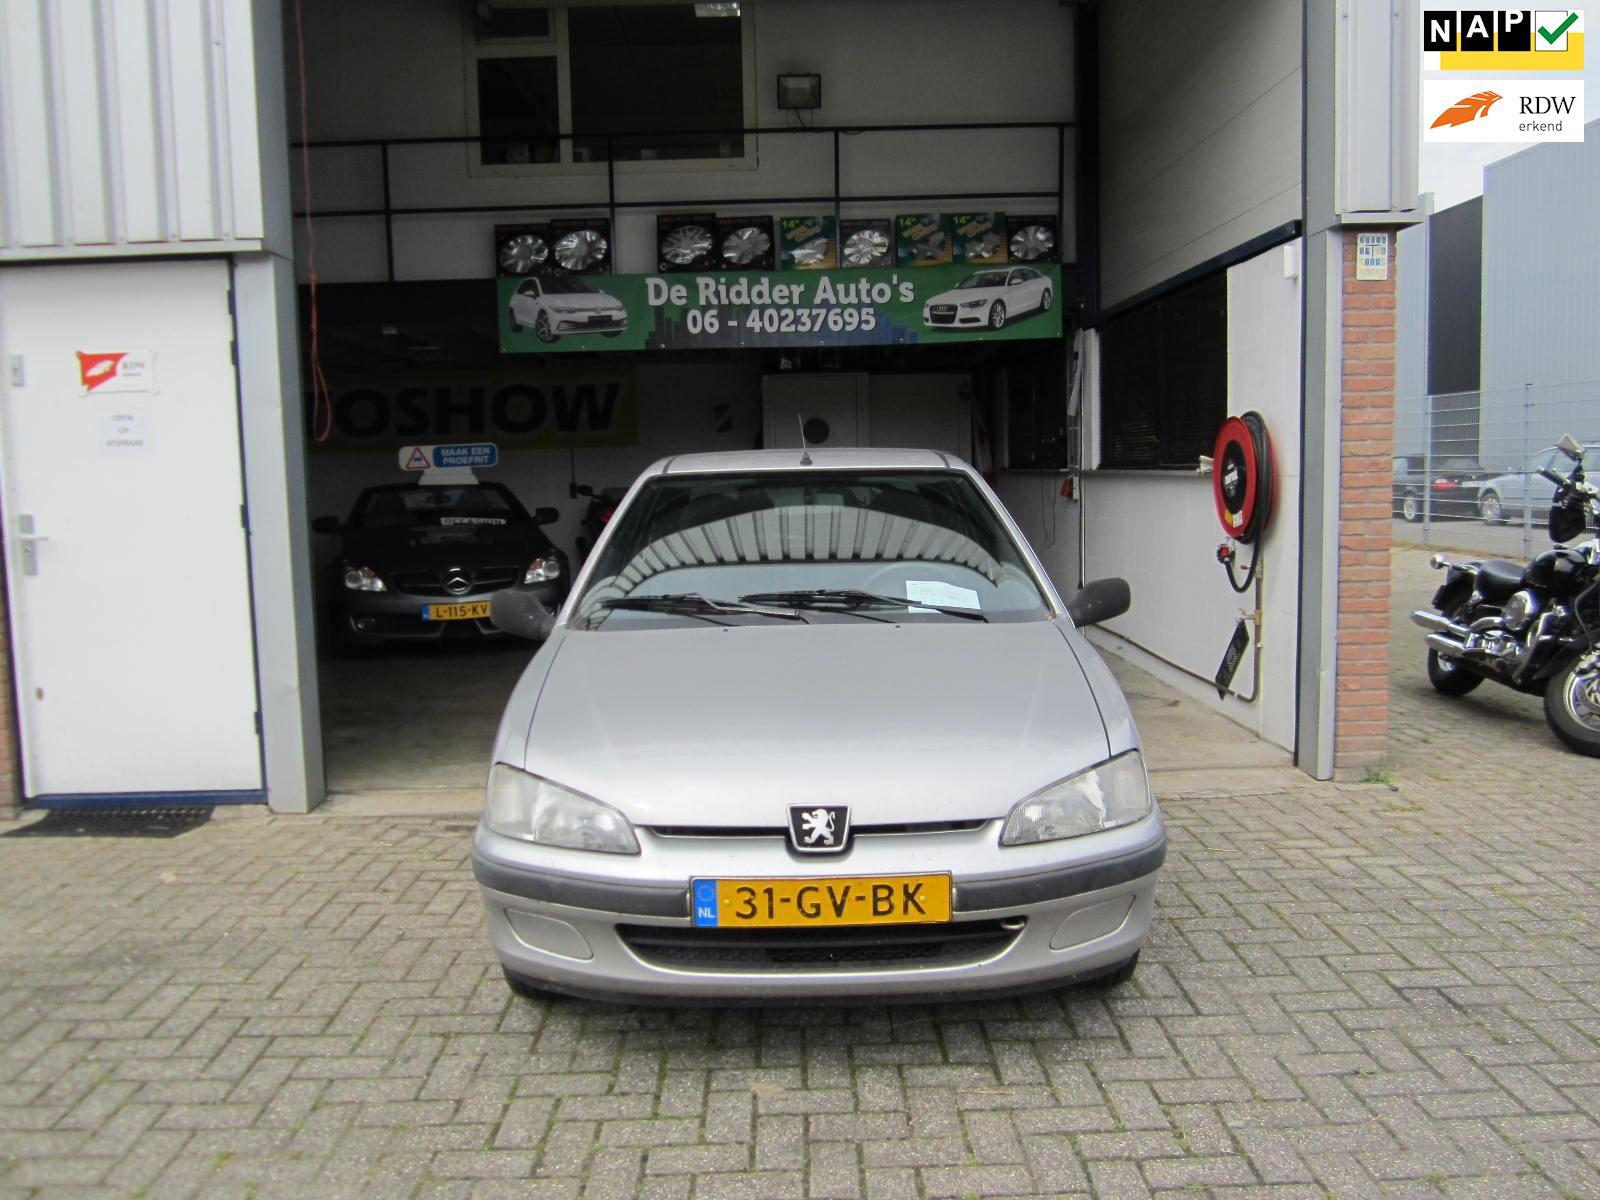 Peugeot 106 occasion - De Ridder auto's